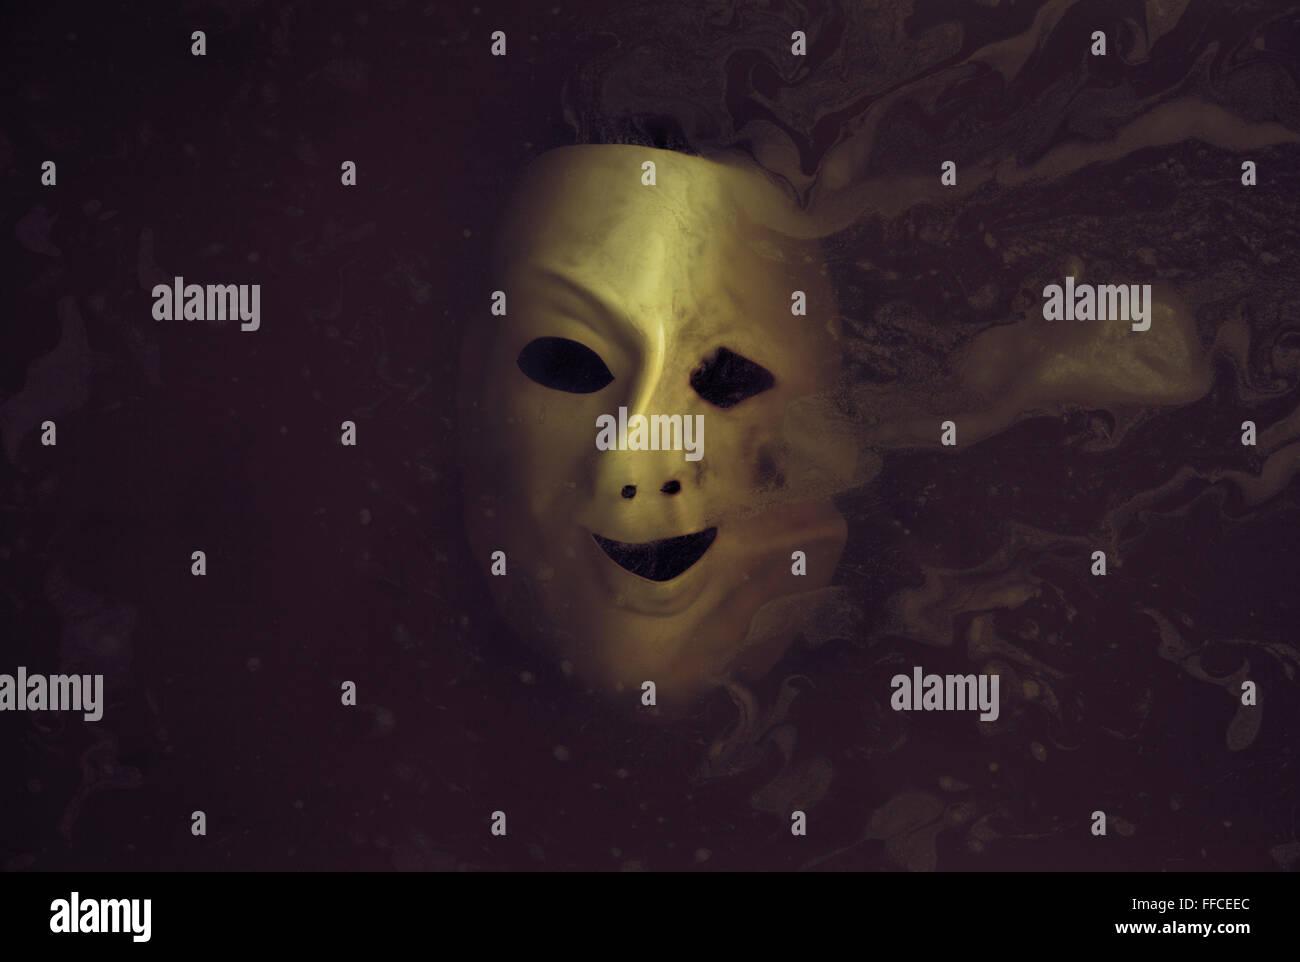 Masque effrayant déformés dans l'eau sombre Photo Stock